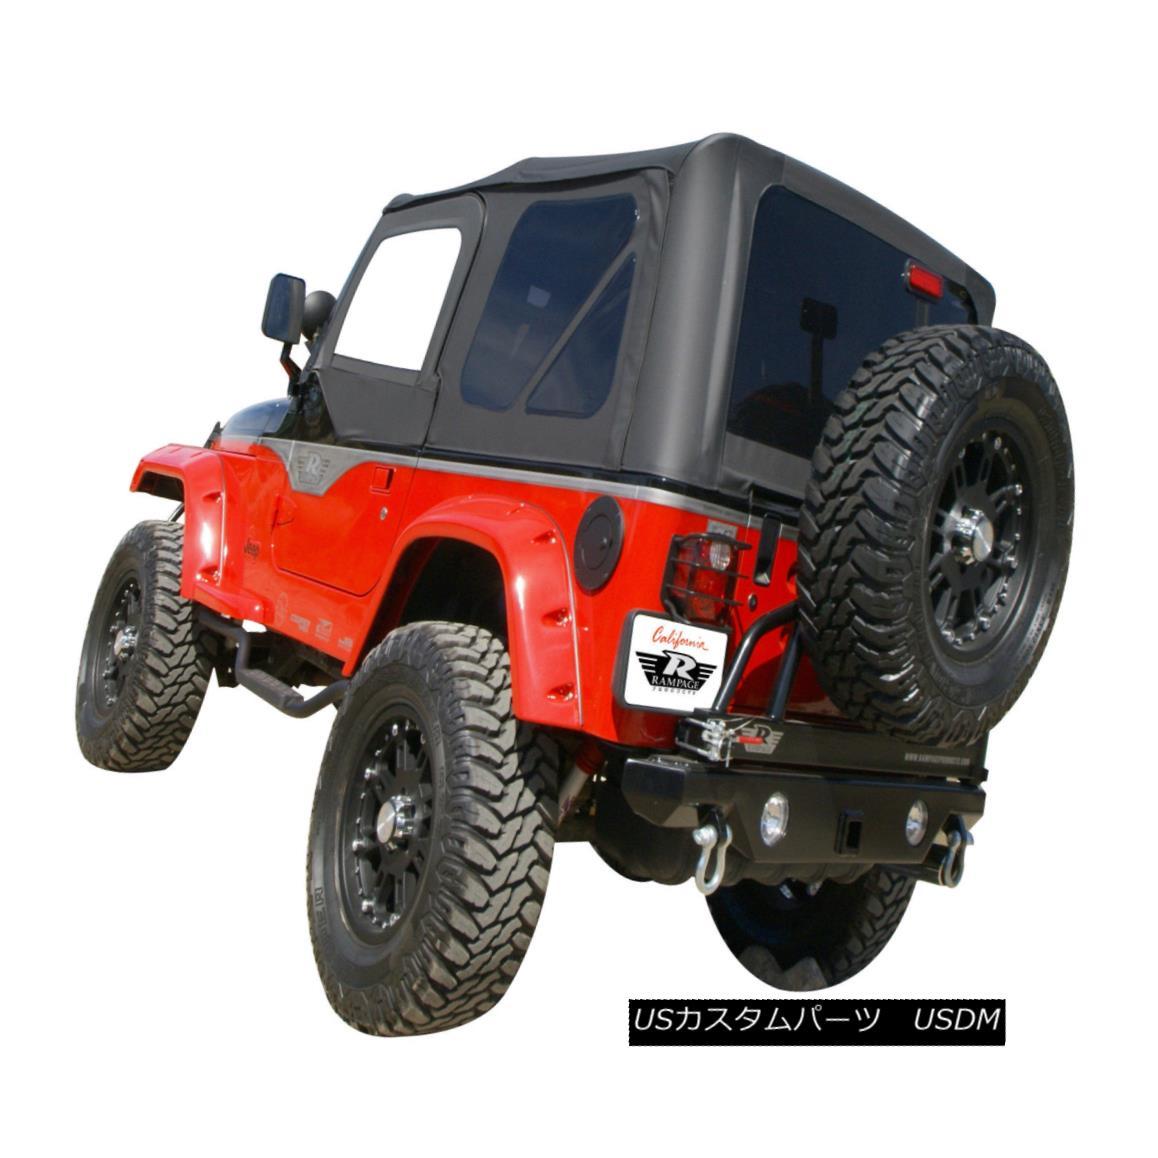 幌・ソフトトップ Jeep Wrangler Soft Top Black Diamond with Skins and Tinted Plastic Windows 99535 ジープラングラーソフトトップブラックダイヤモンドスキンと着色プラスチックWindows 99535